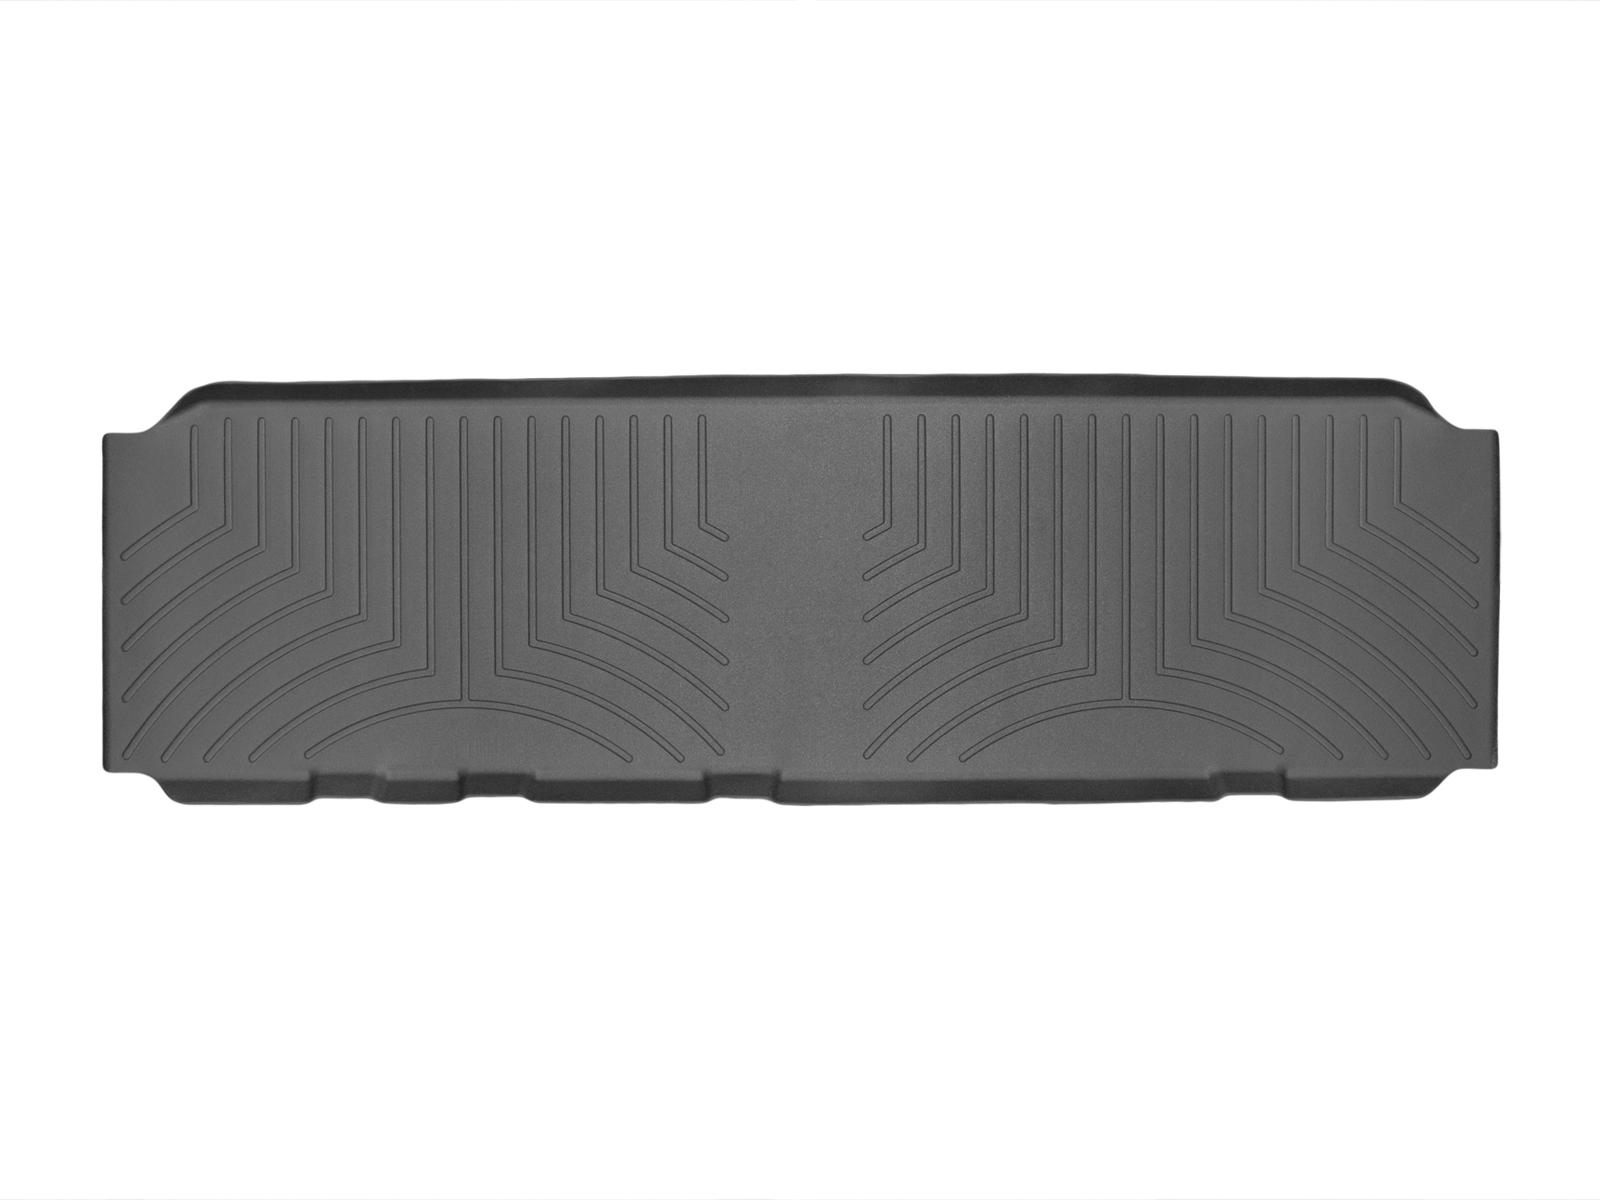 Tappeti gomma su misura bordo alto Land Rover 15>16 Nero A1998*